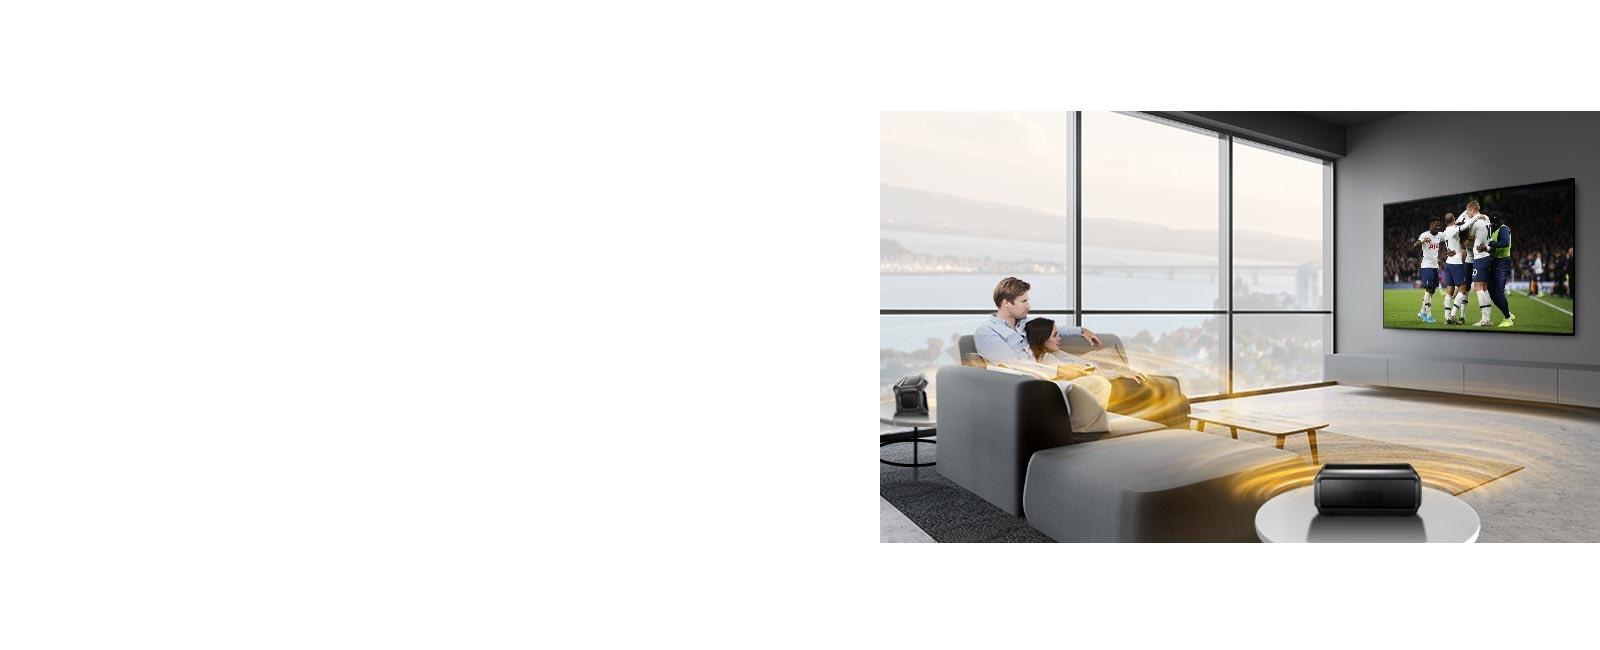 Un homme et une femme regardent un match de sport à la télévision dans le salon avec des haut-parleurs arrière Bluetooth